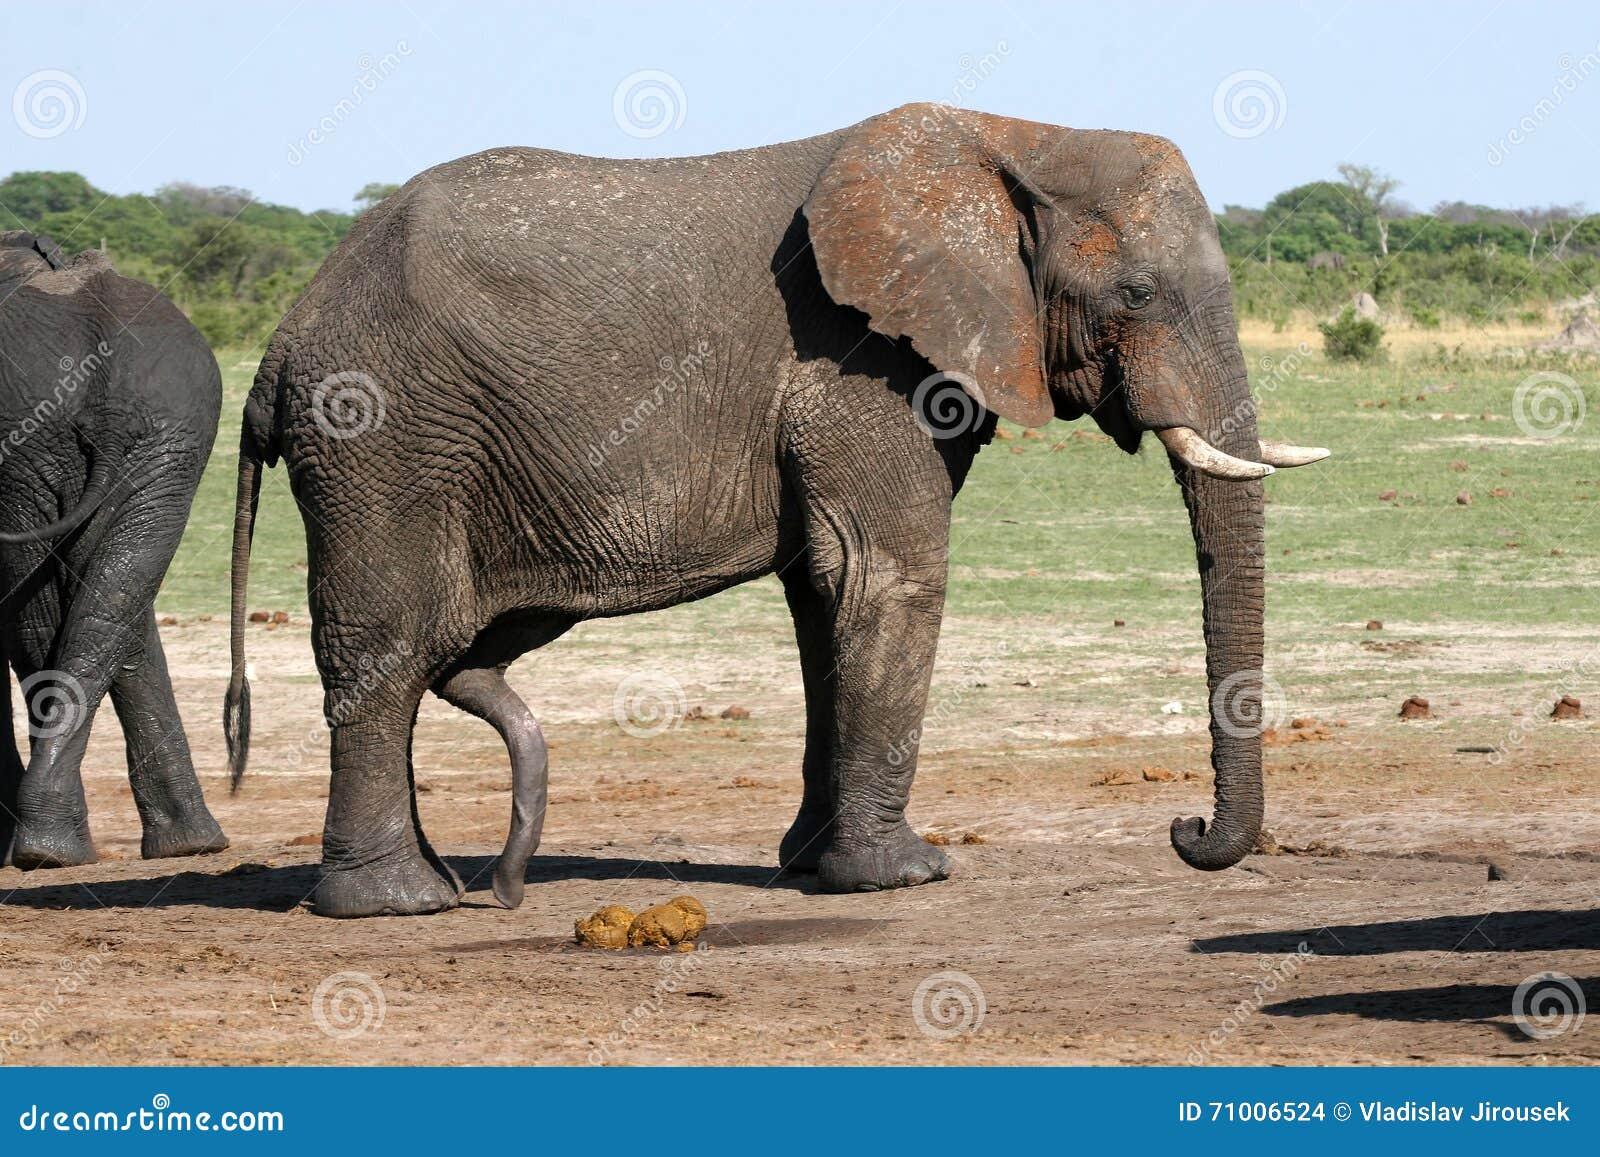 como es el pene del elefante